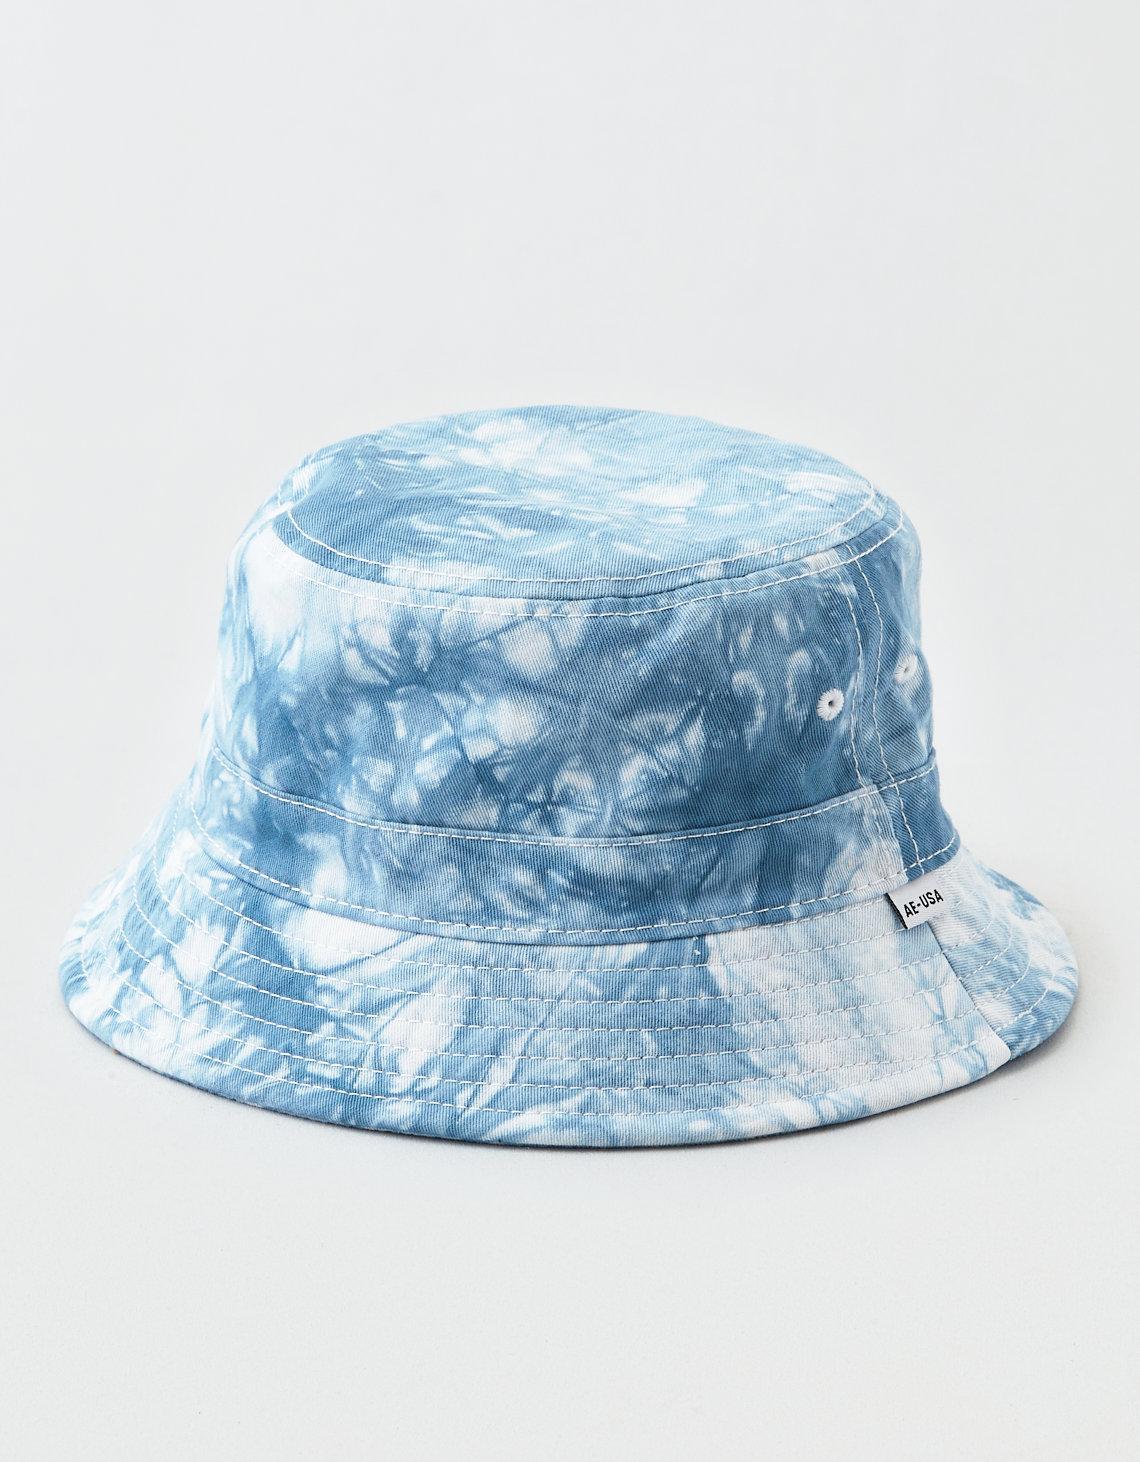 a9b2f472753b1 Lyst - American Eagle Tie Dye Bucket Hat in Blue for Men